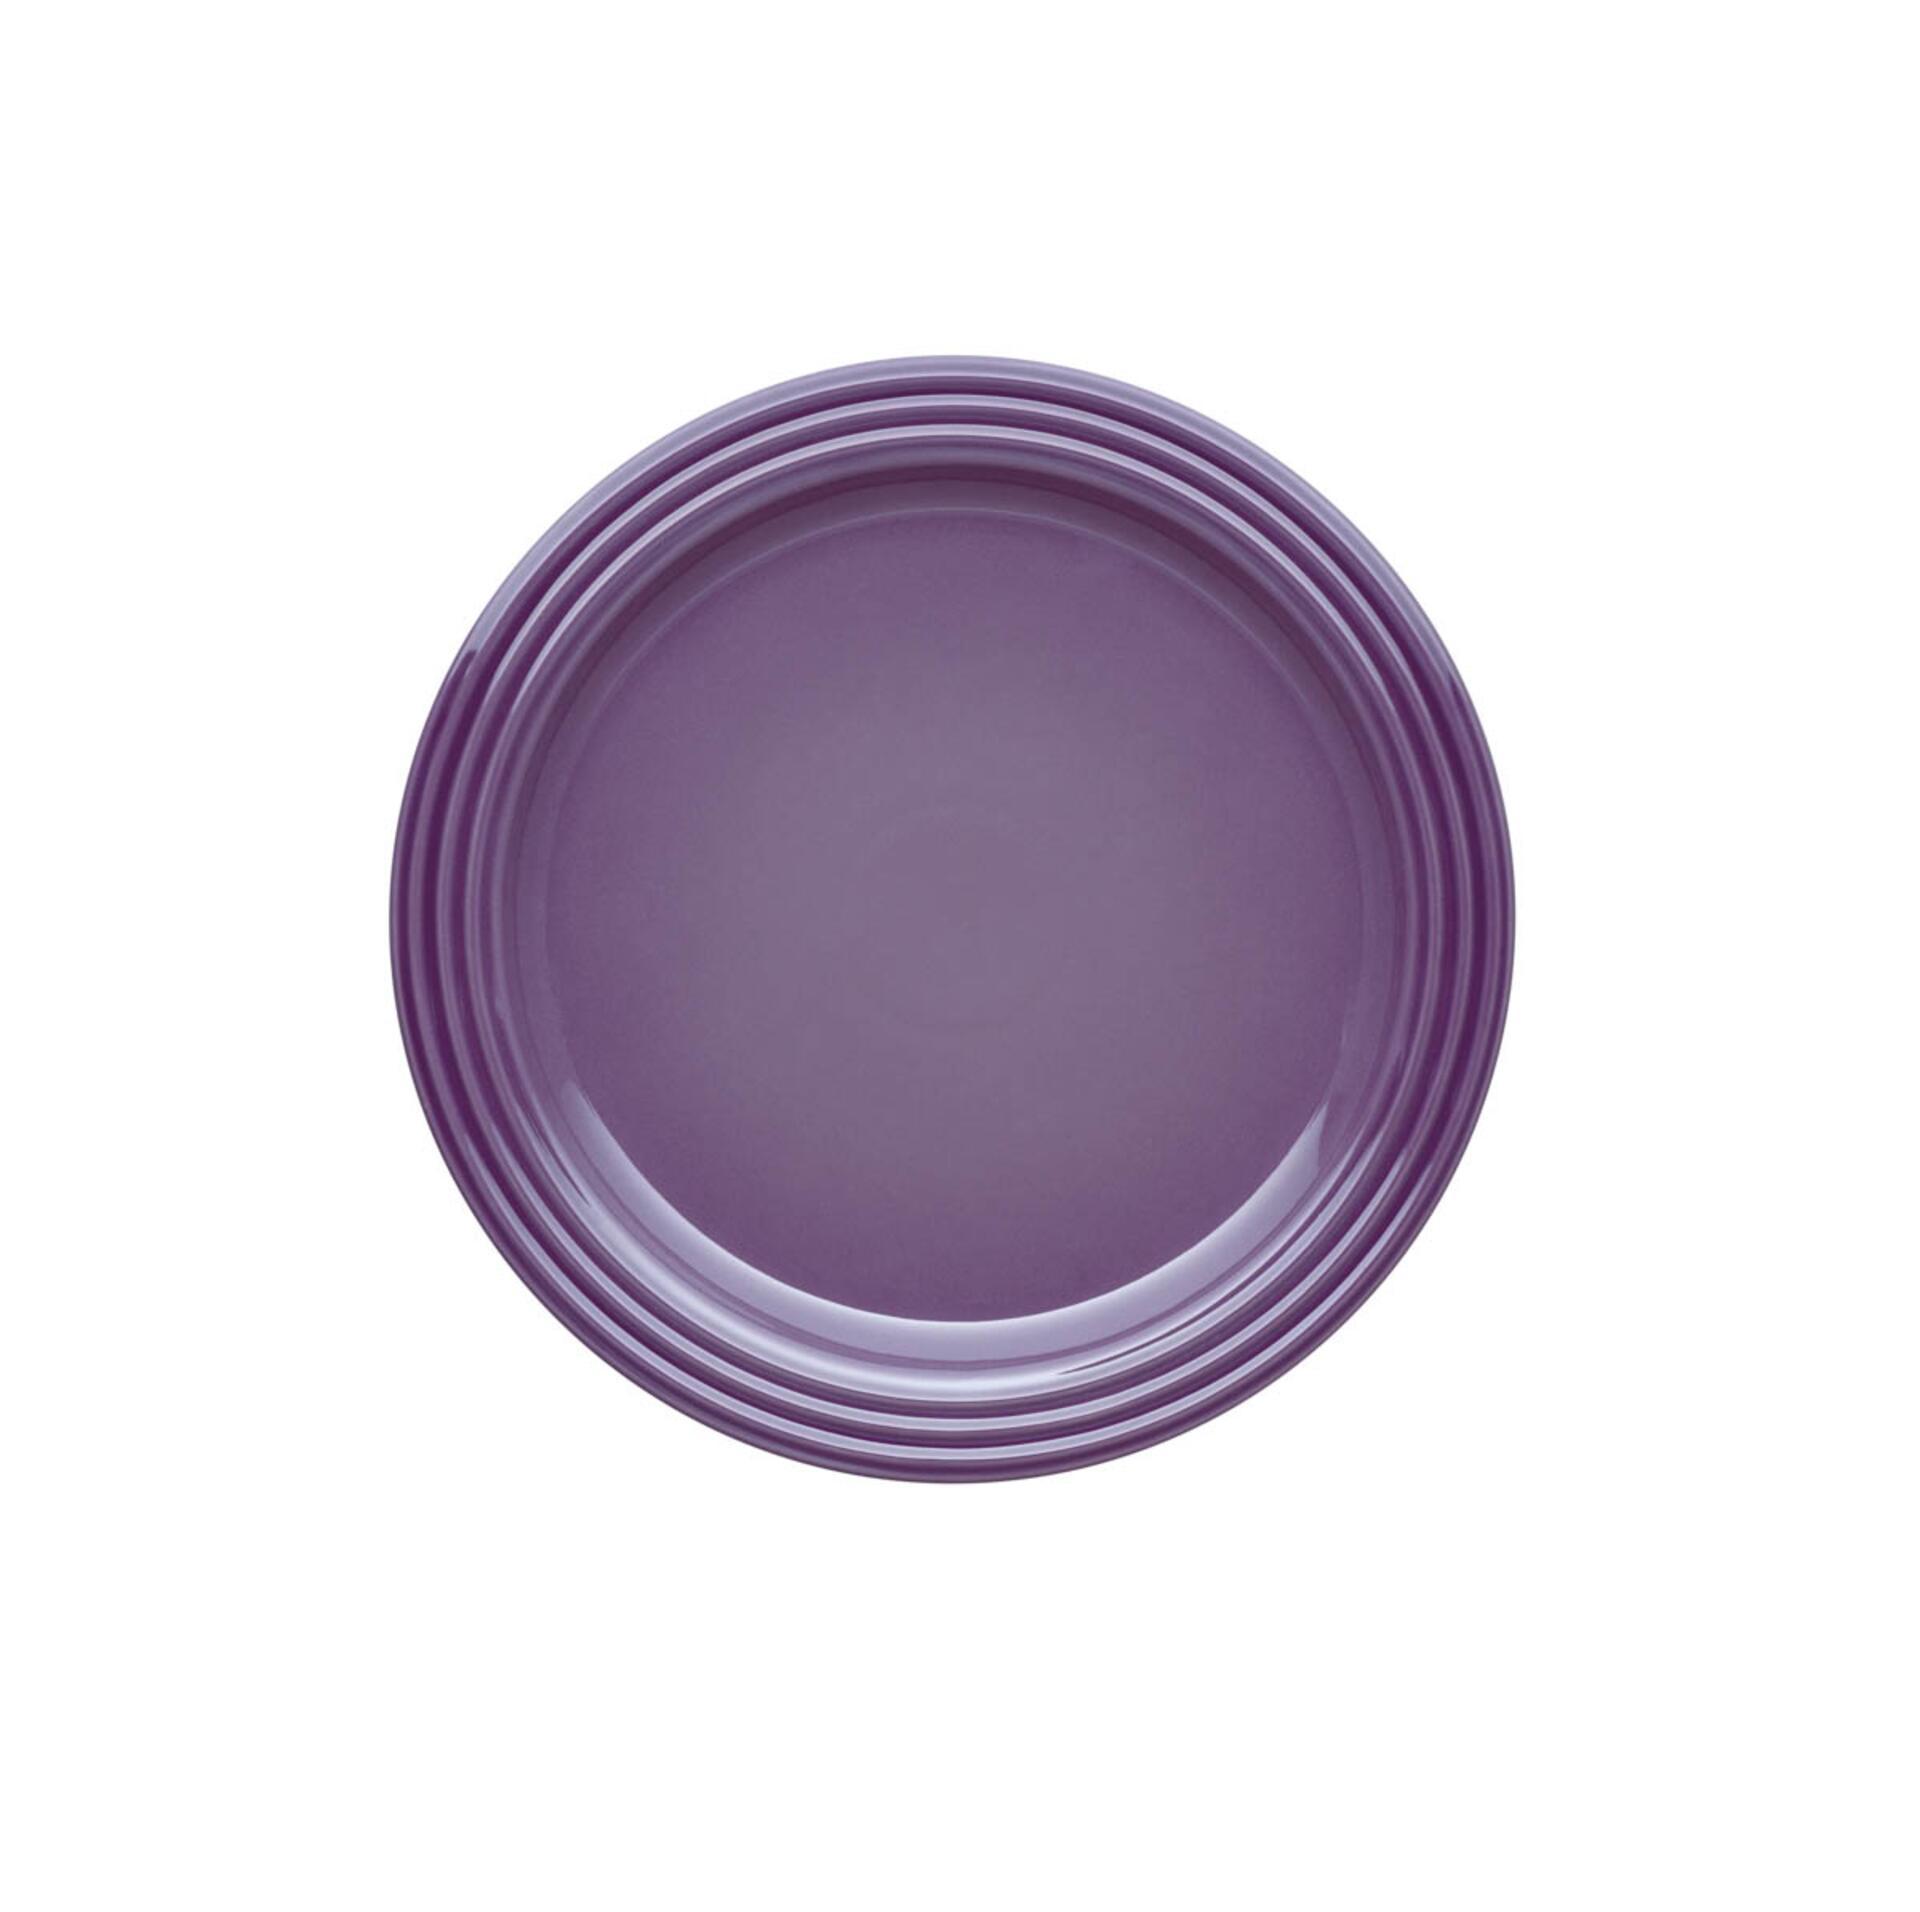 Le Creuset Frühstücksteller Ultra Violet